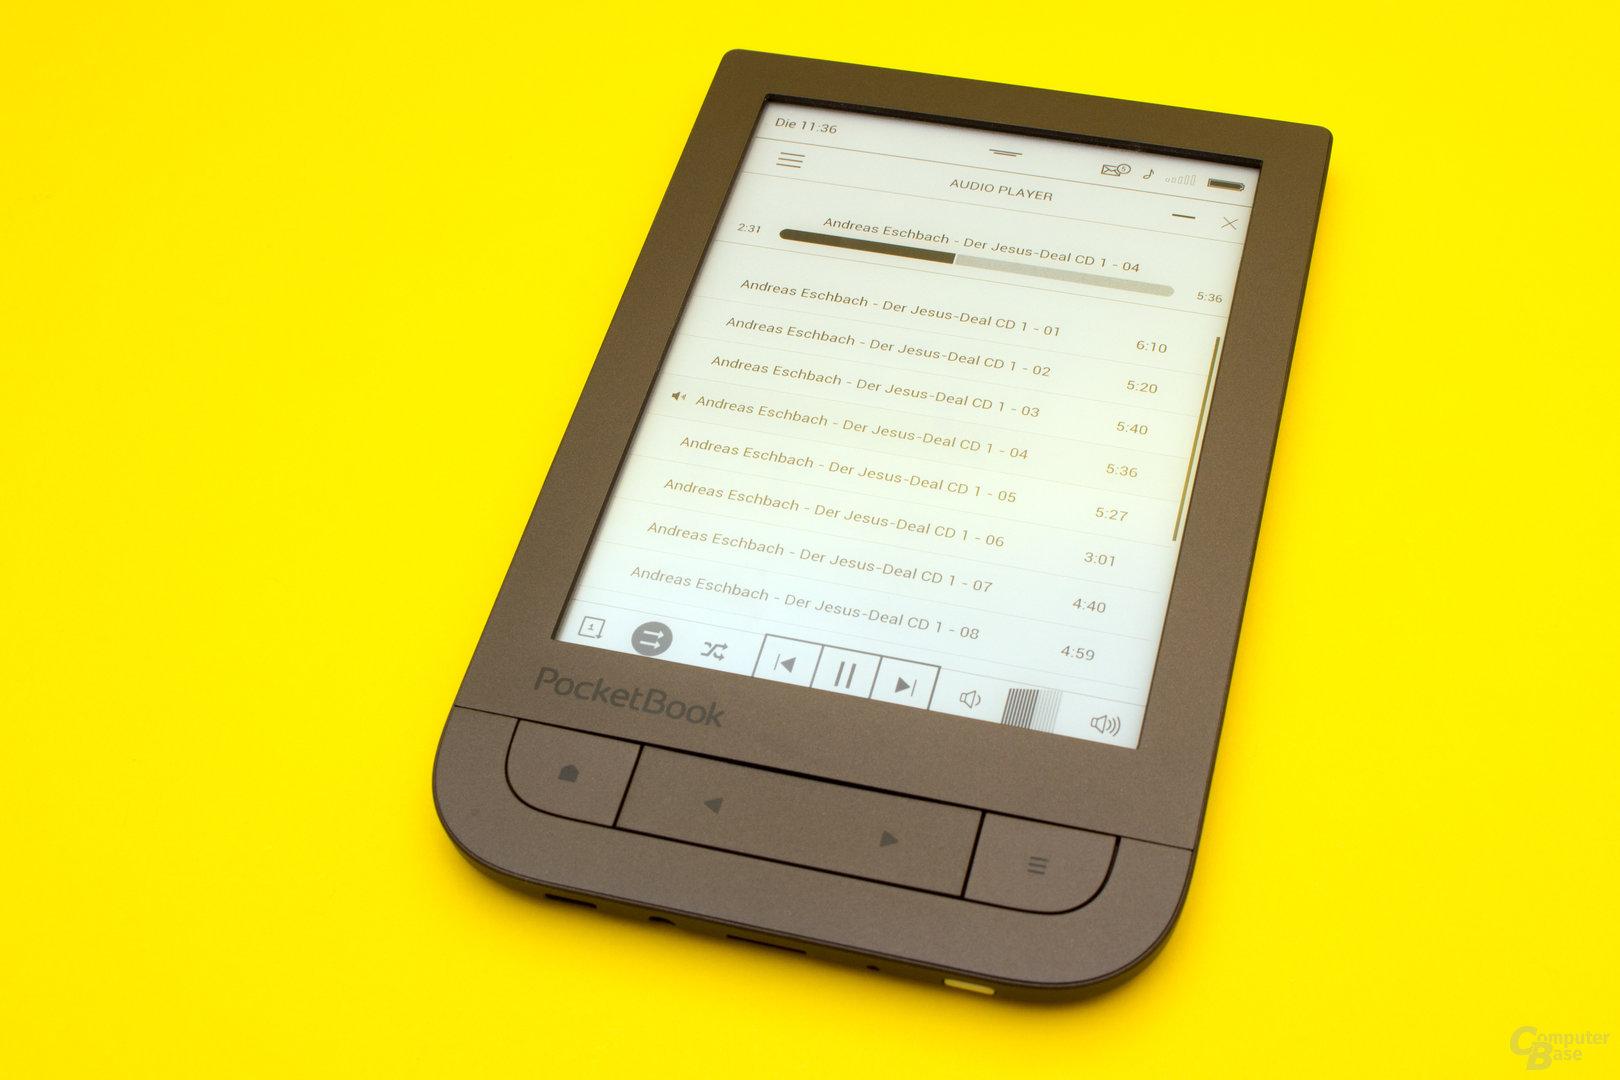 Über den Audioplayer lassen sich entspannt Hörbücher hören